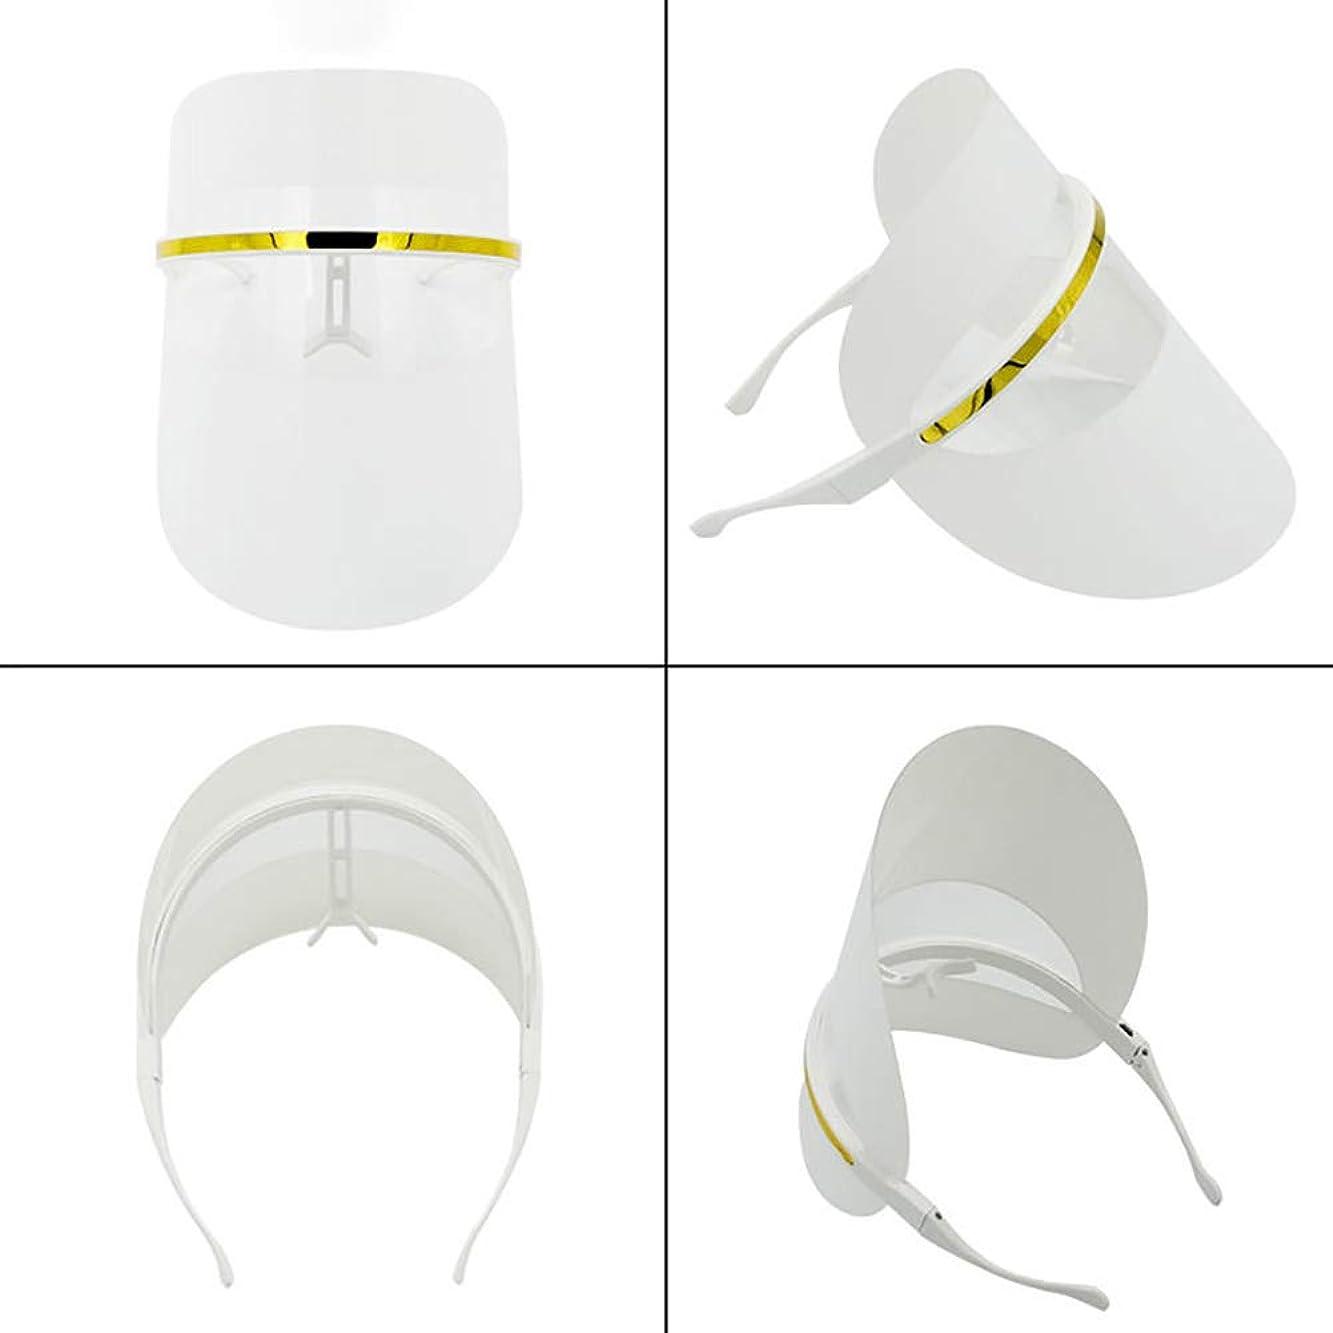 泥棒フラスコ十年7色LEDフェイスマスク、LEDフォトンビューティーマスク、健康的な肌の若返りのためのフォトンレッドライトセラピー、コラーゲン、アンチエイジング、しわ、瘢痕